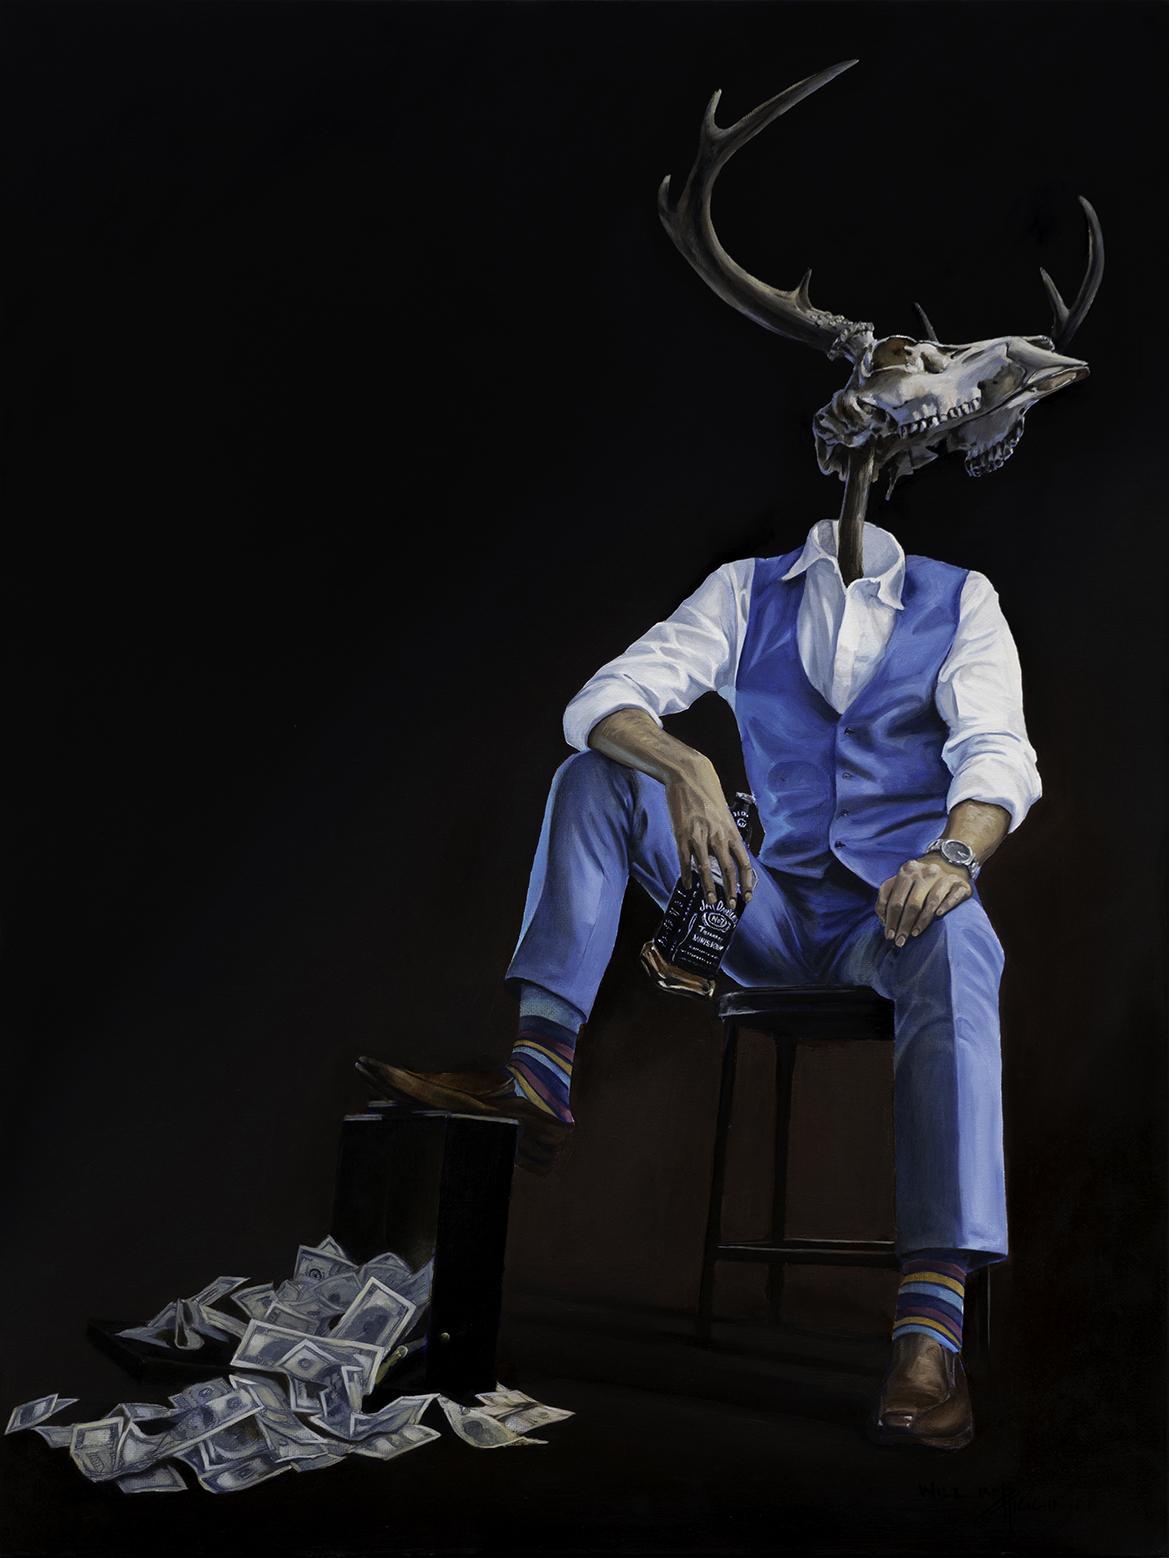 Homo Corporatum surrealist painting by William D. Higginson